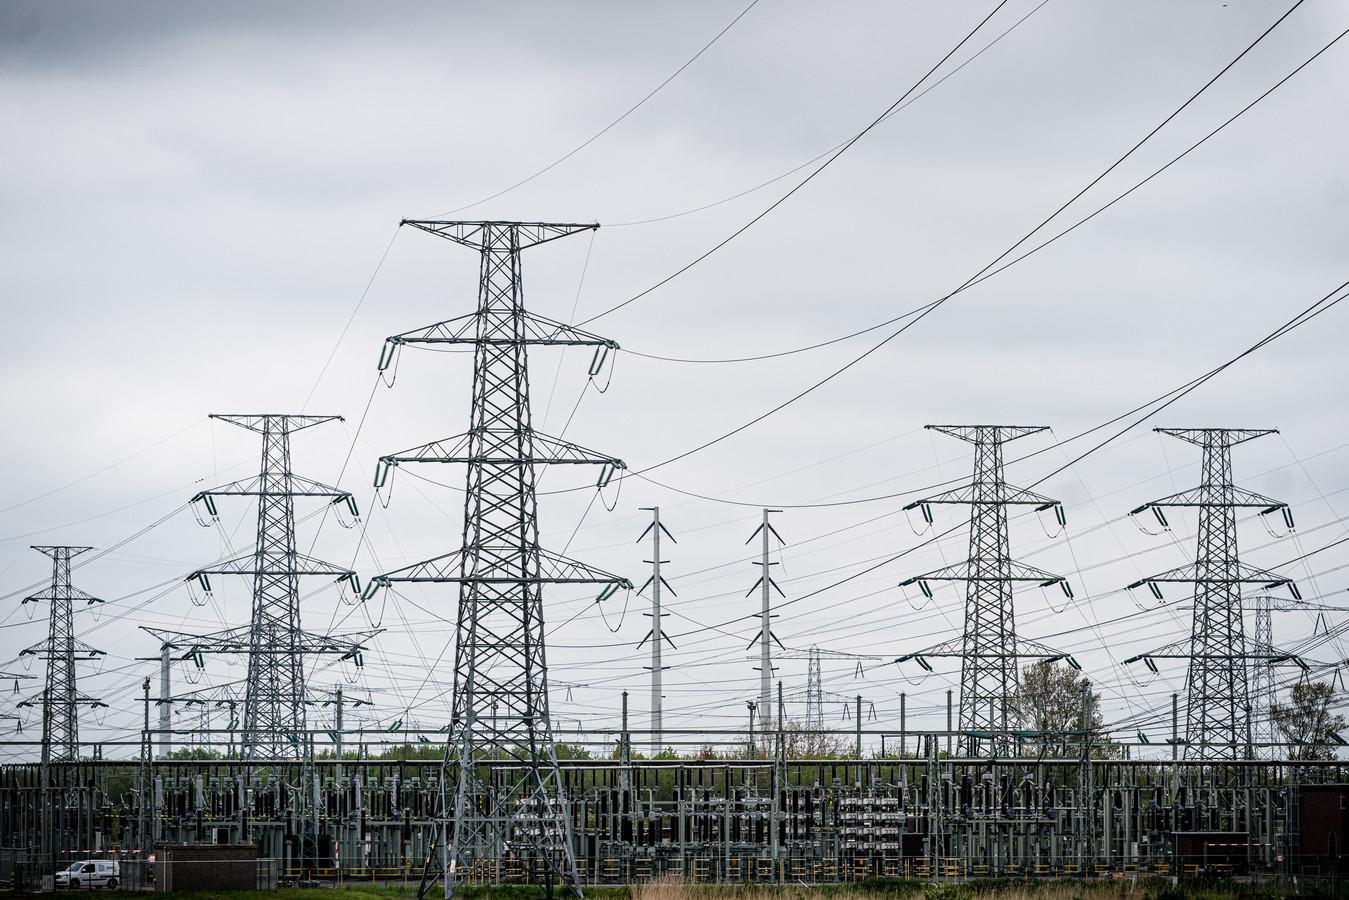 Wetenschappelijk onderzoek is nodig om meer inzicht te krijgen in kernenergie stellen VVD en GroenLinks.